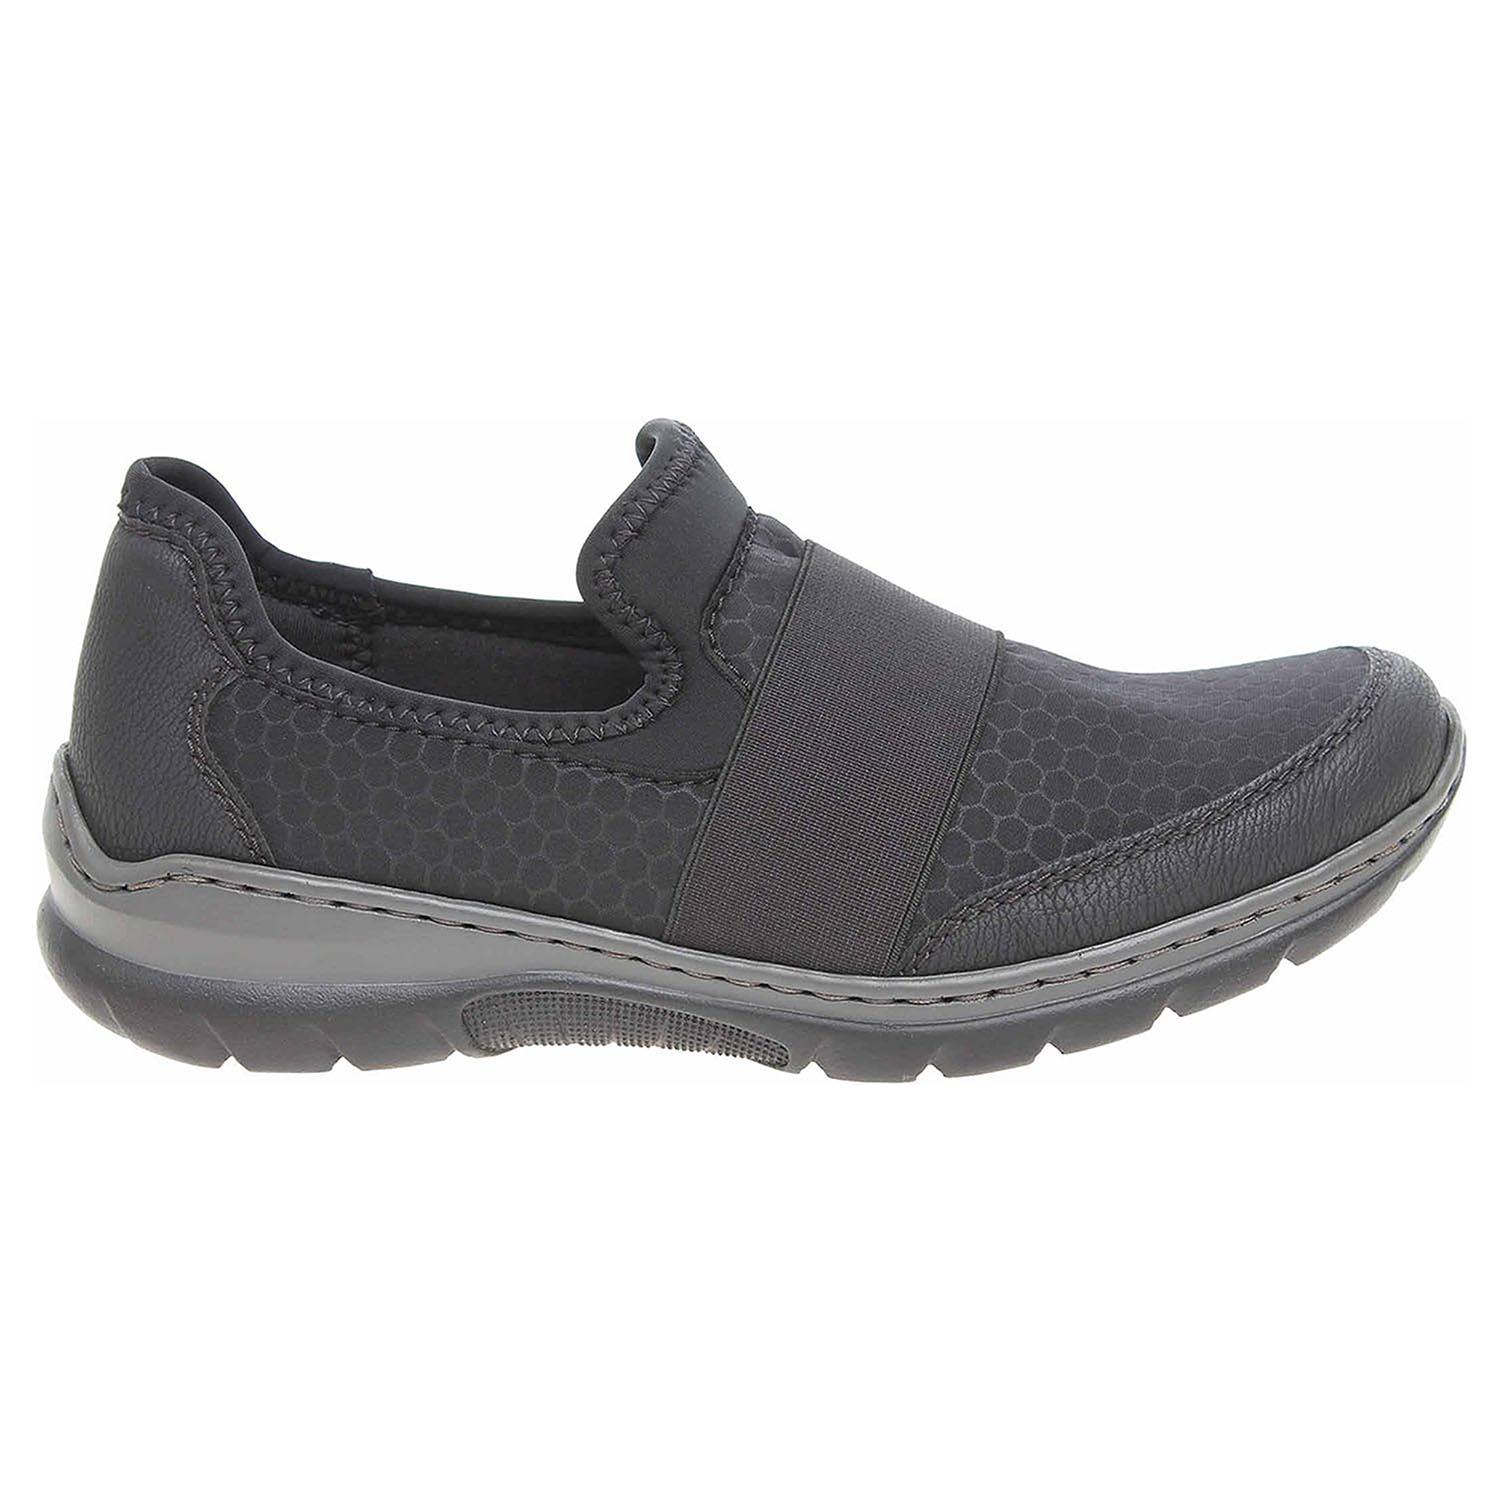 3067b0137fc3 Rieker dámská obuv L3279-00 černá 42